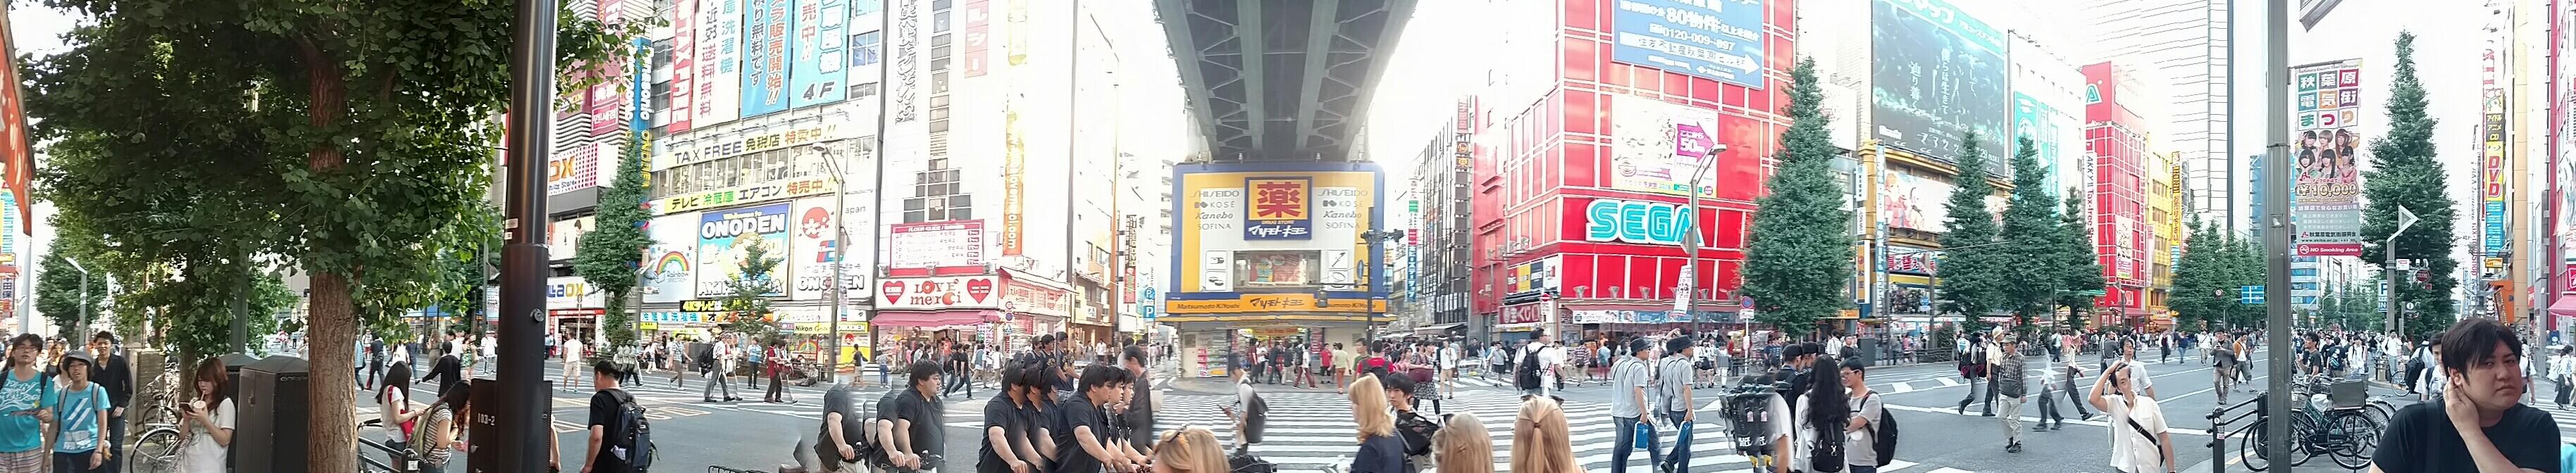 Akihabara/Electric Town (6/26)